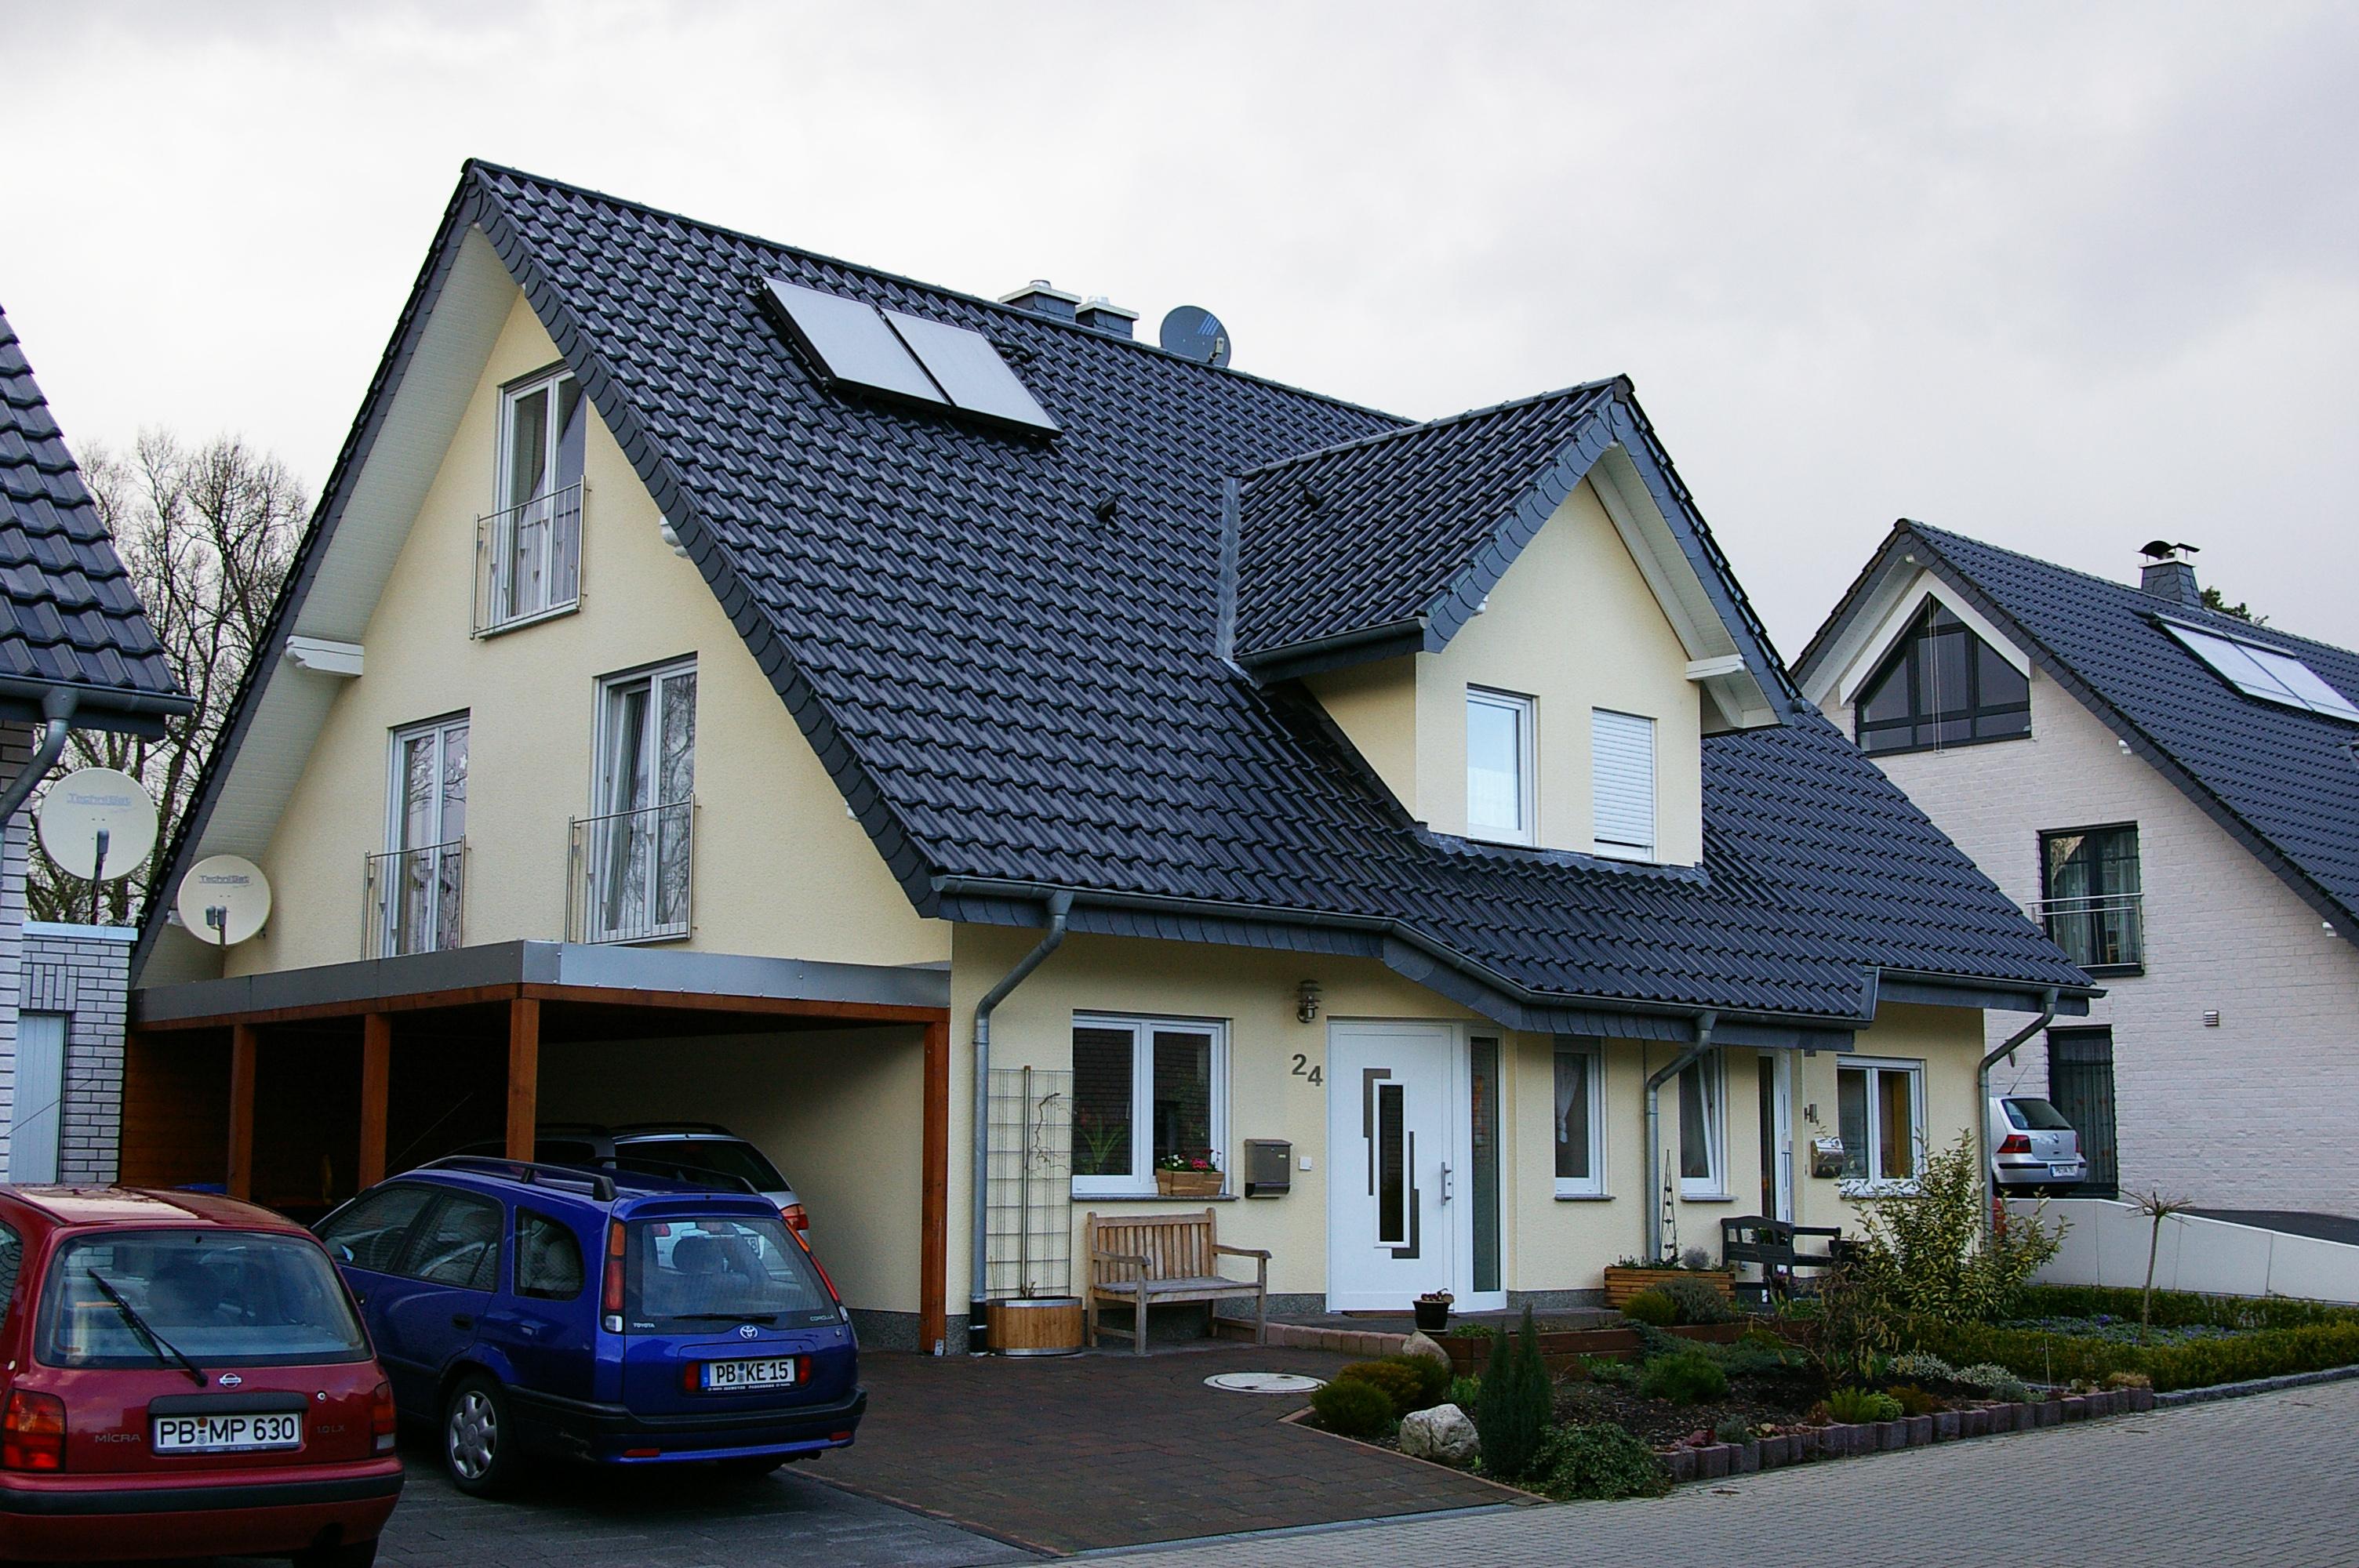 Dittrich und peters hausbau industriebau galabau - Garten und landschaftsbau paderborn ...